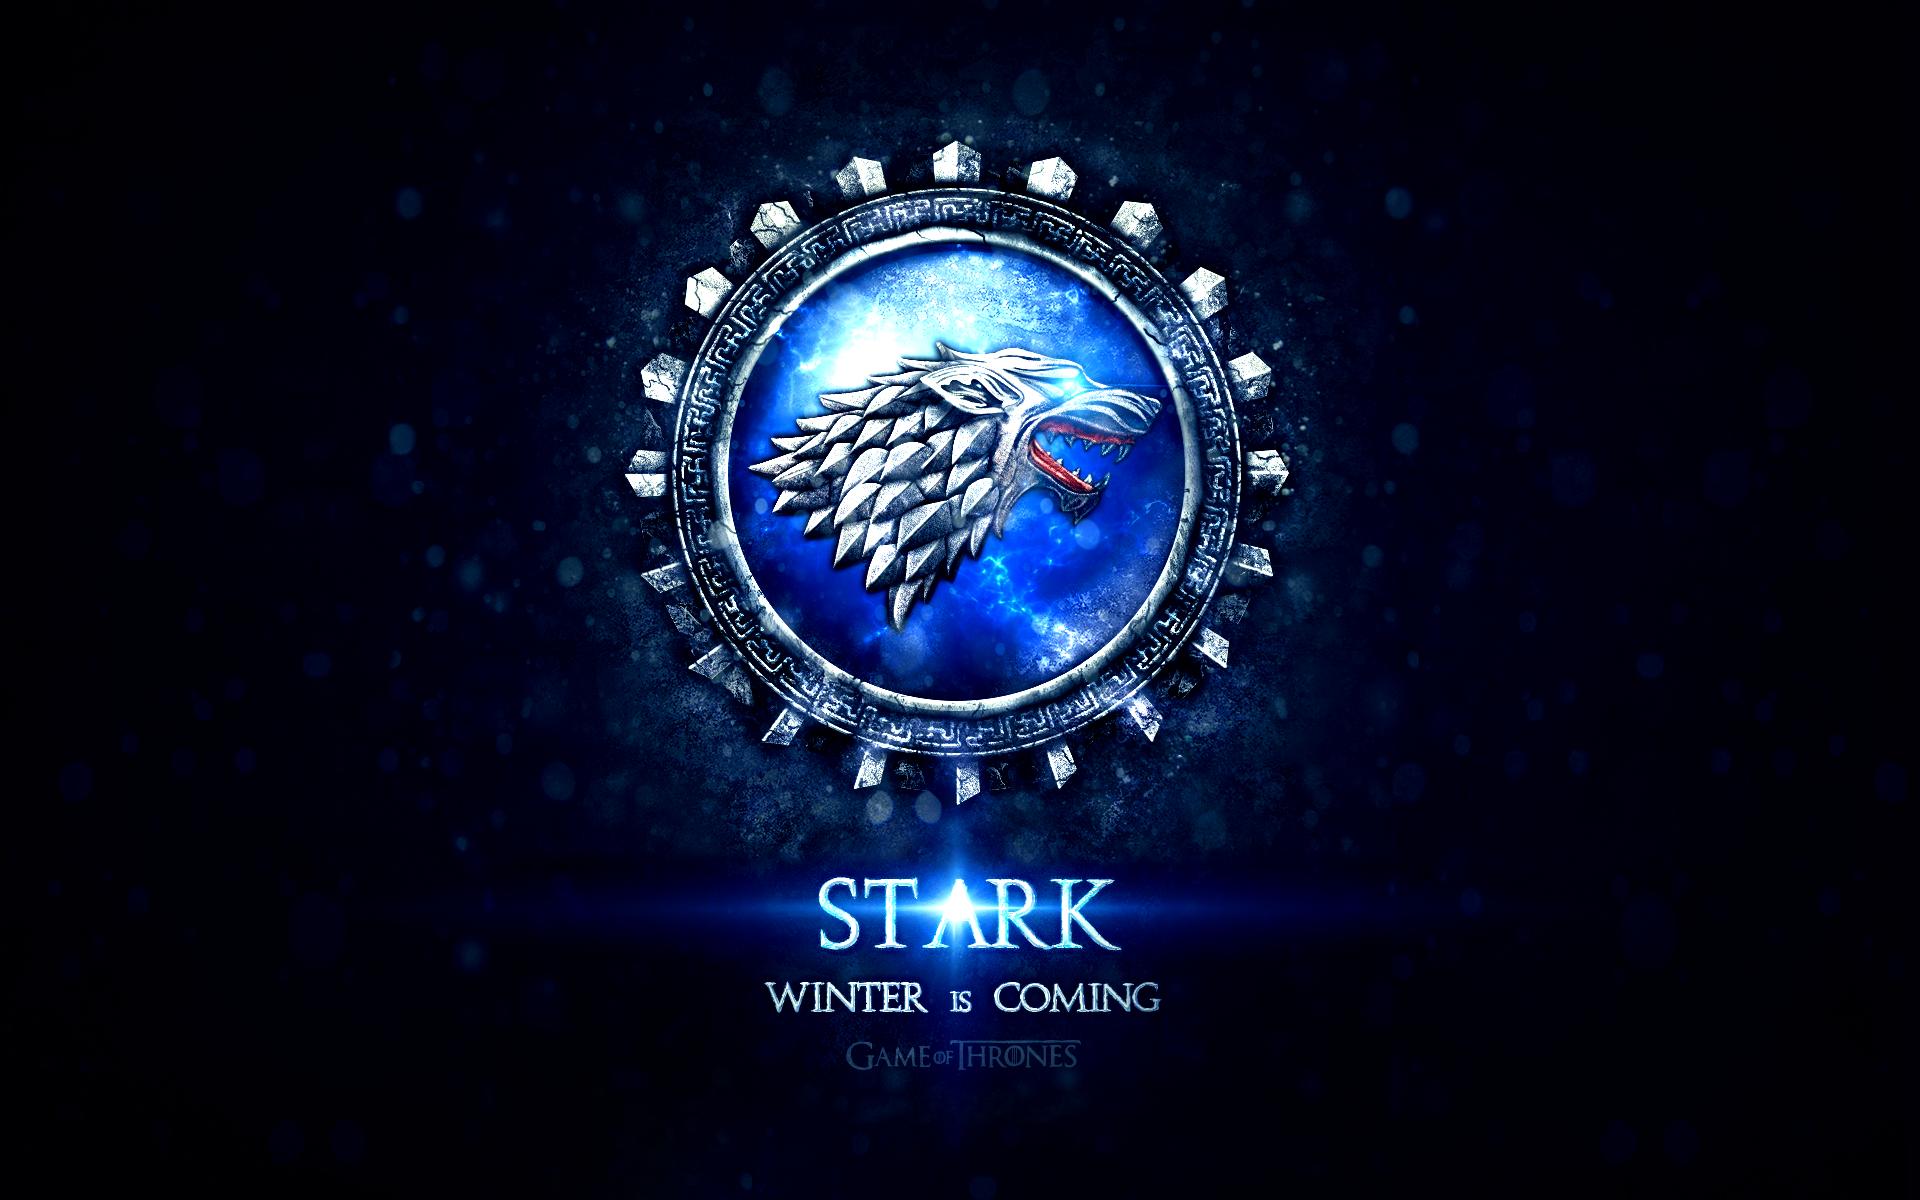 Game Of Thrones Stark Wallpaper By Jjfwh On Deviantart